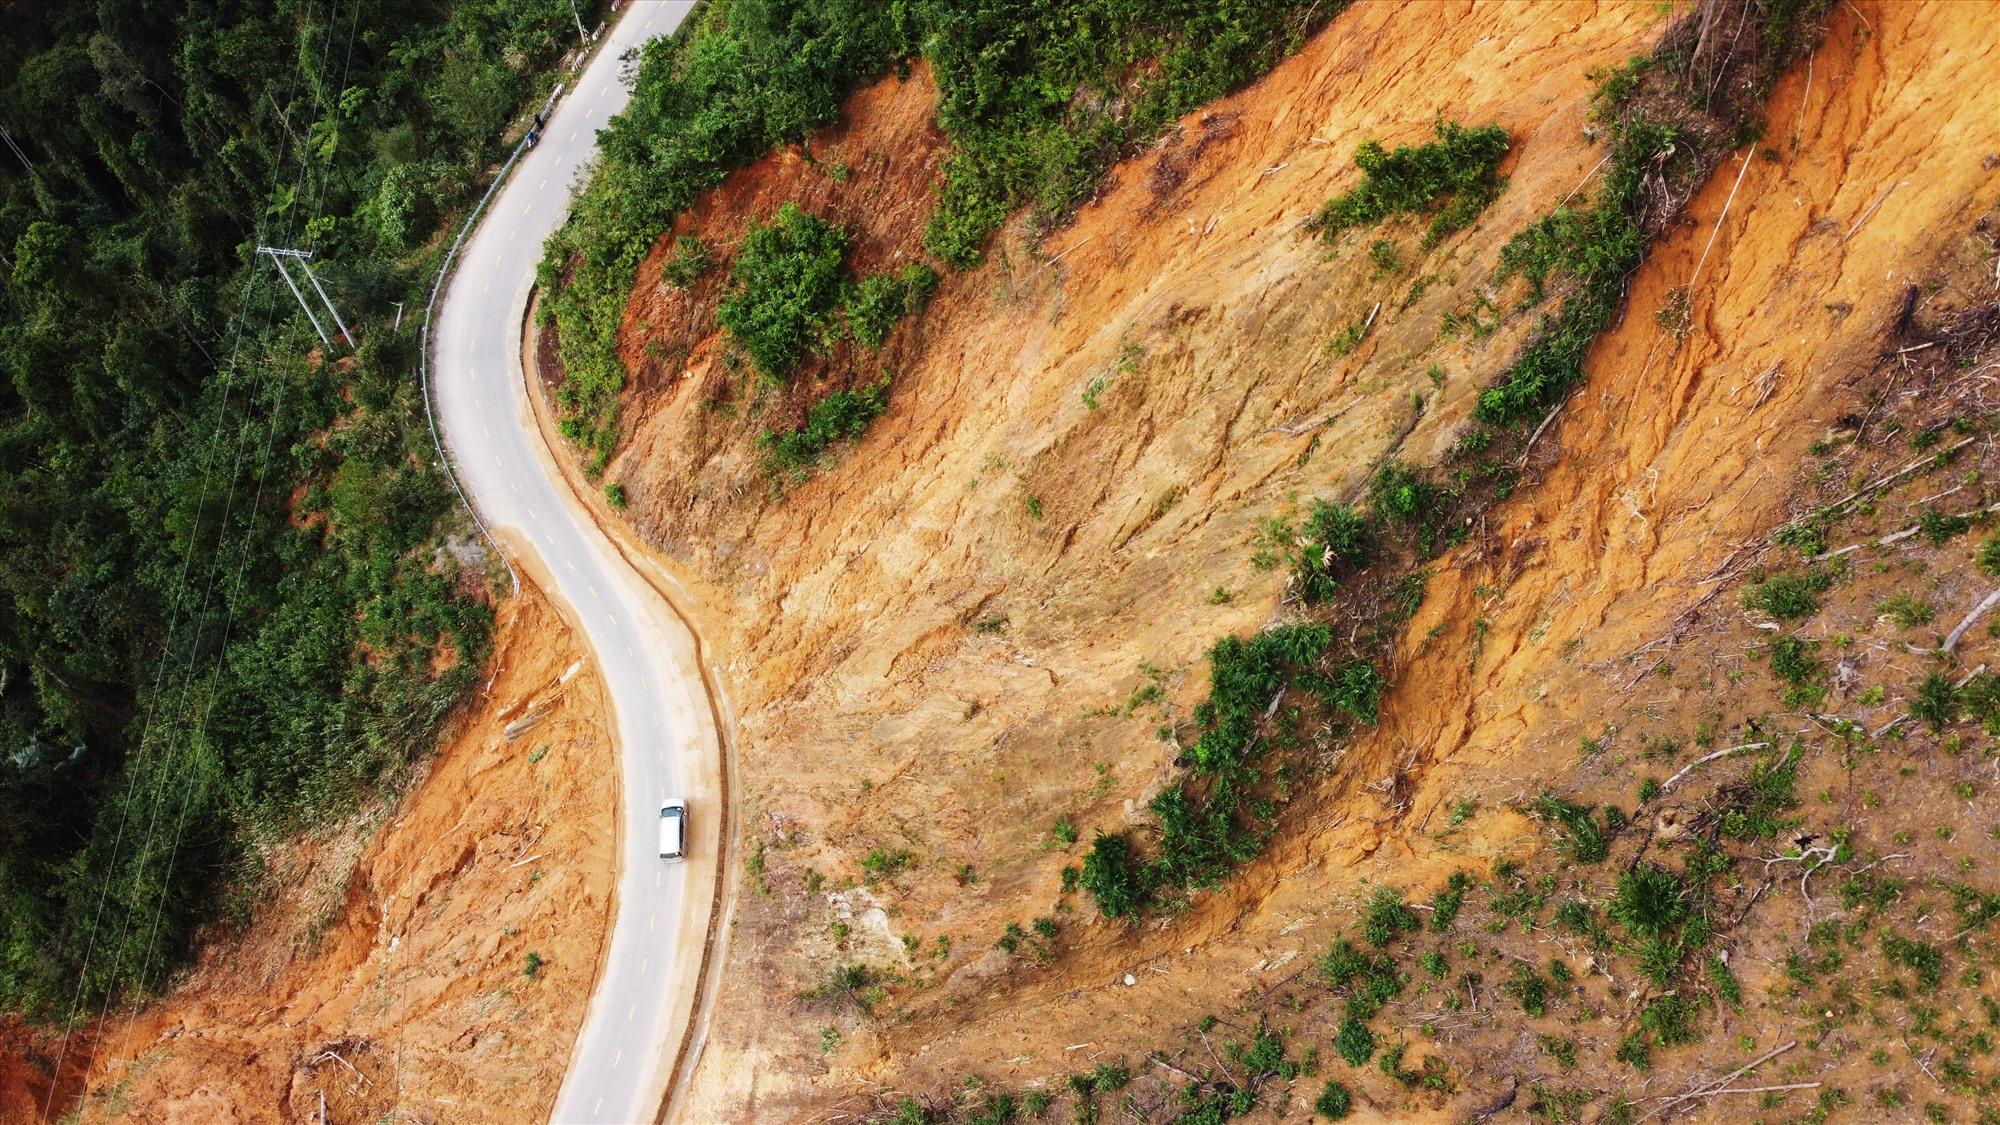 Một điểm sạt lở từ đỉnh núi tràn xuống đường khoảng 70 m đã được thu dọn, phương tiện qua lại bình thường.